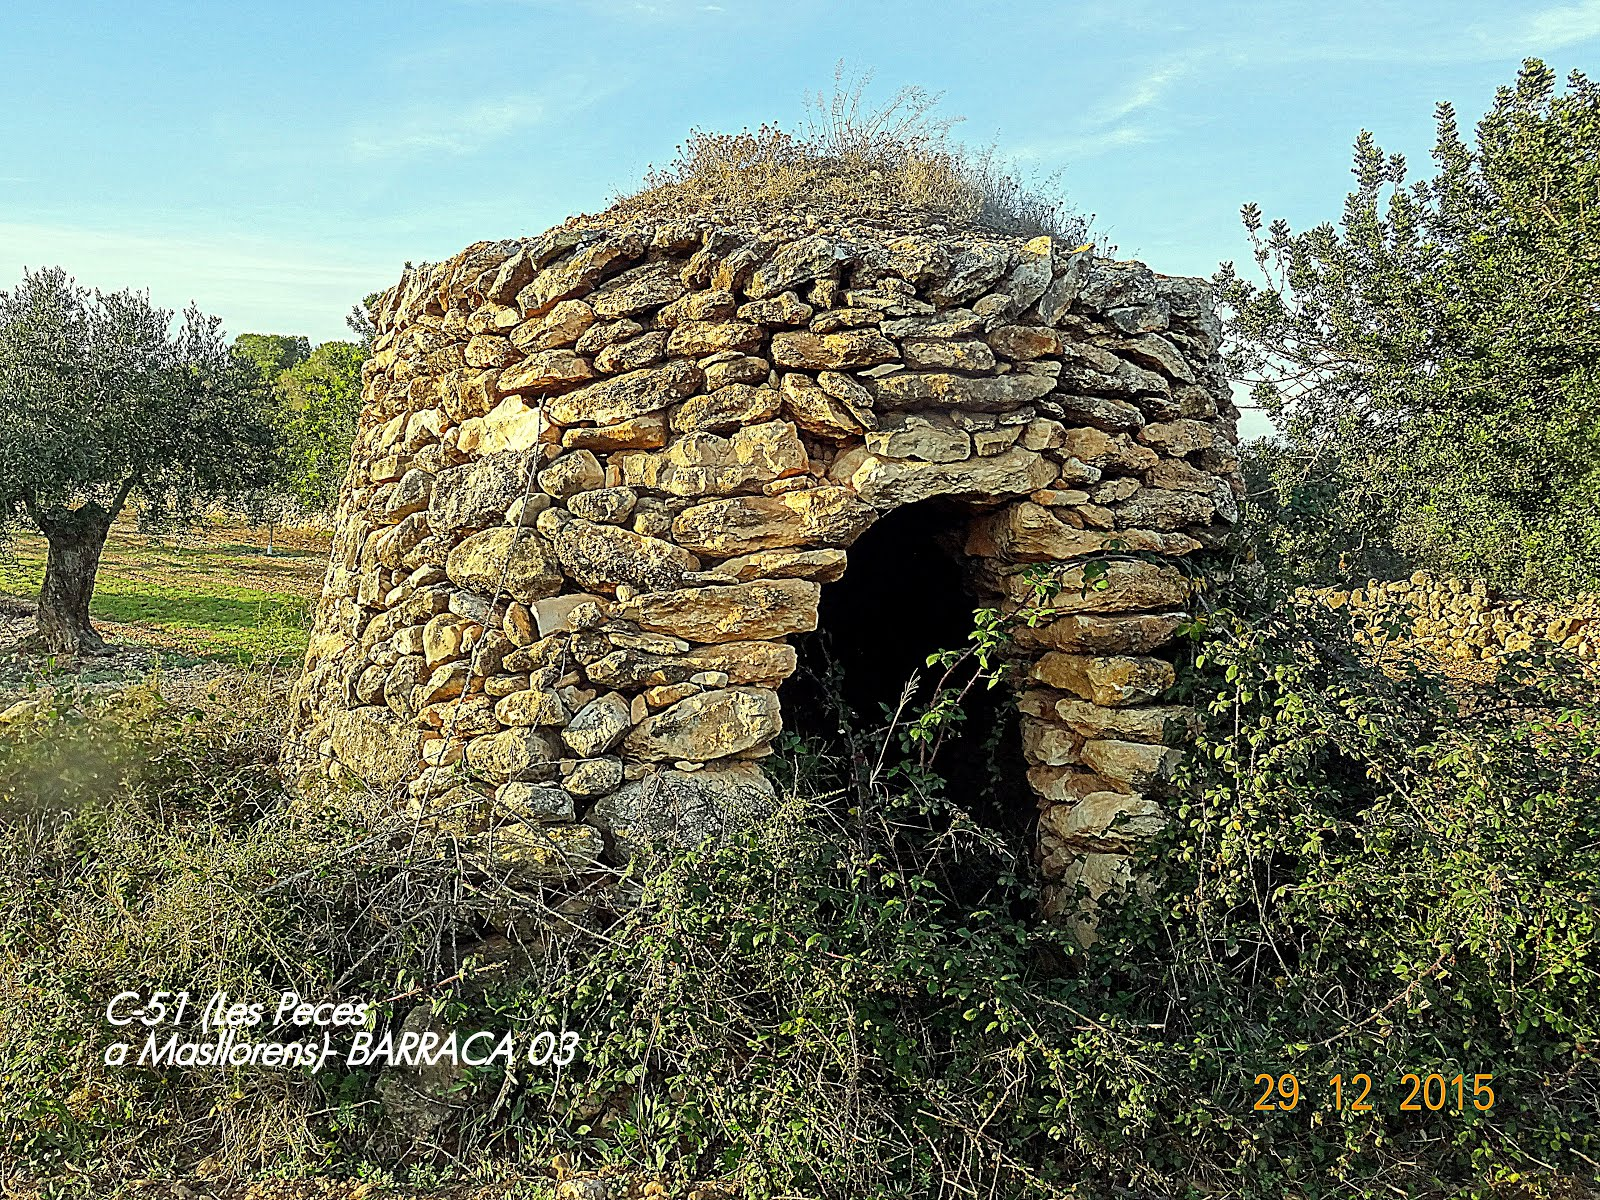 BARRACA DEL CAMP DE TARRAGONA